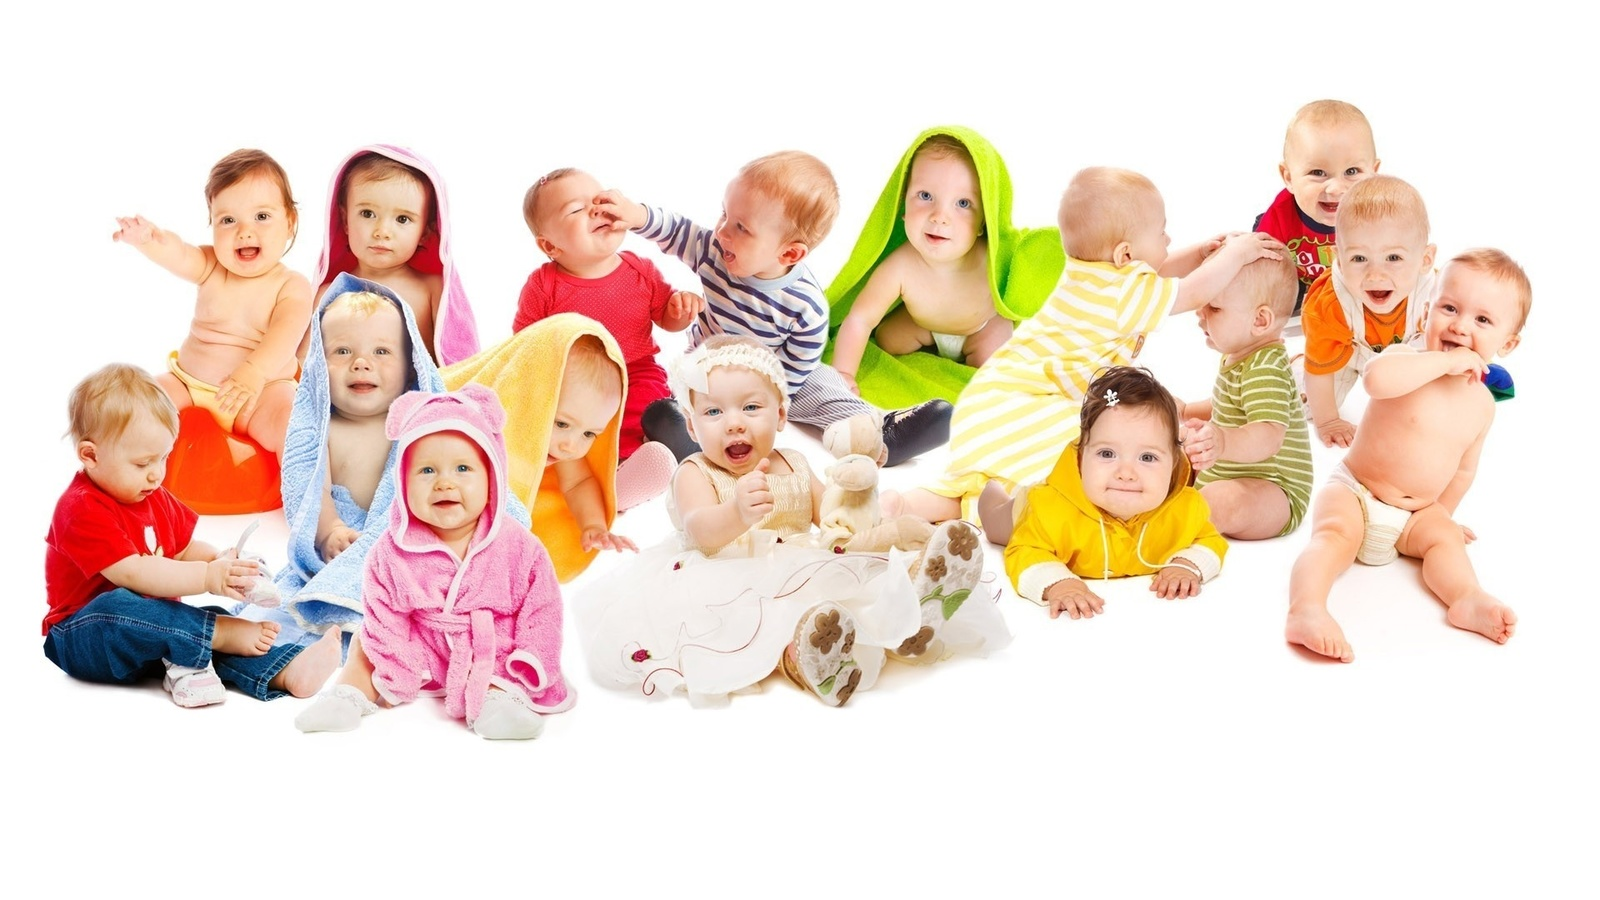 Картинки малышей много